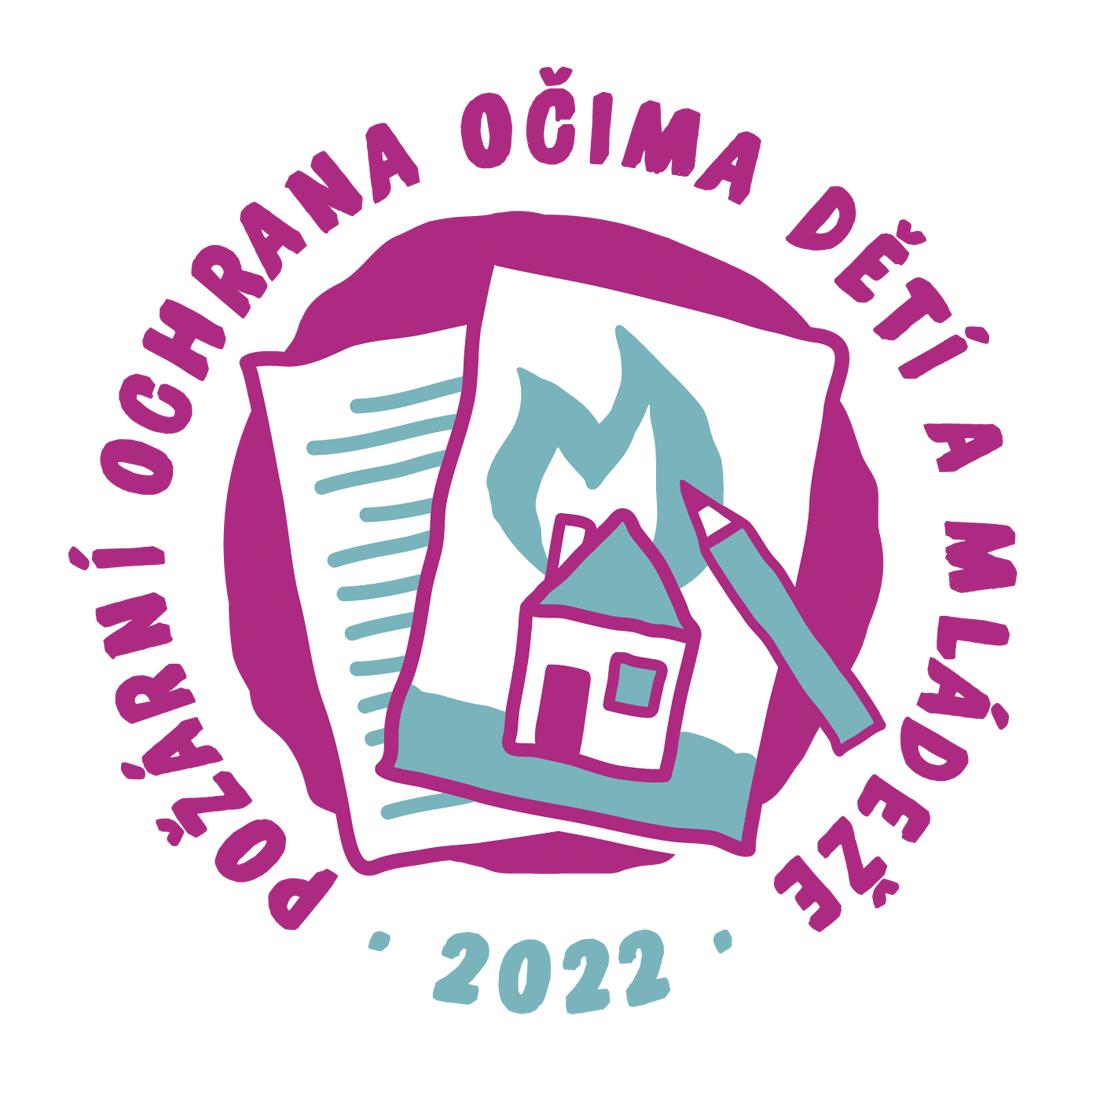 Požární ochrana očima dětí a mládeže 2022